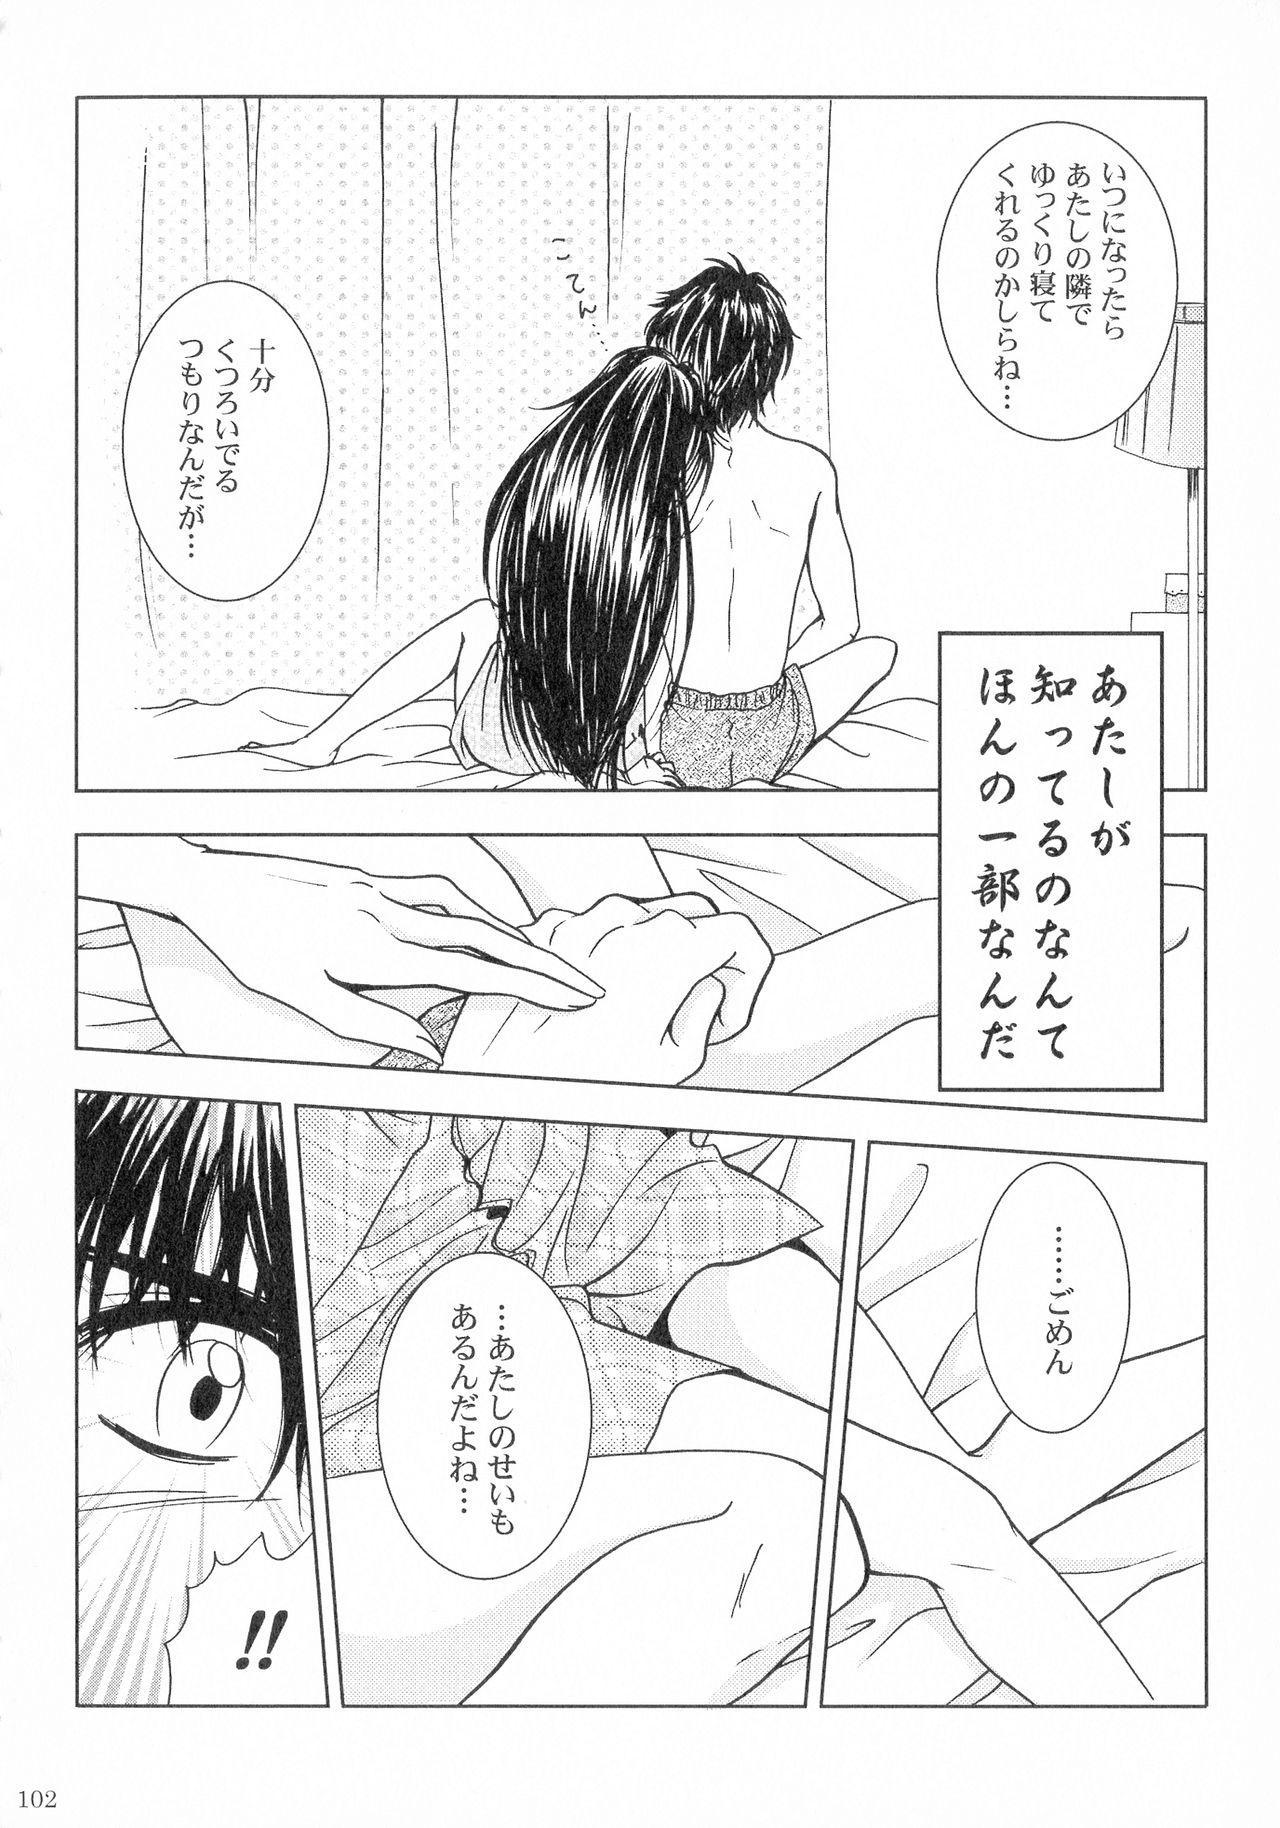 SEXY PANIC Sairoku-shuu VOL.3 100